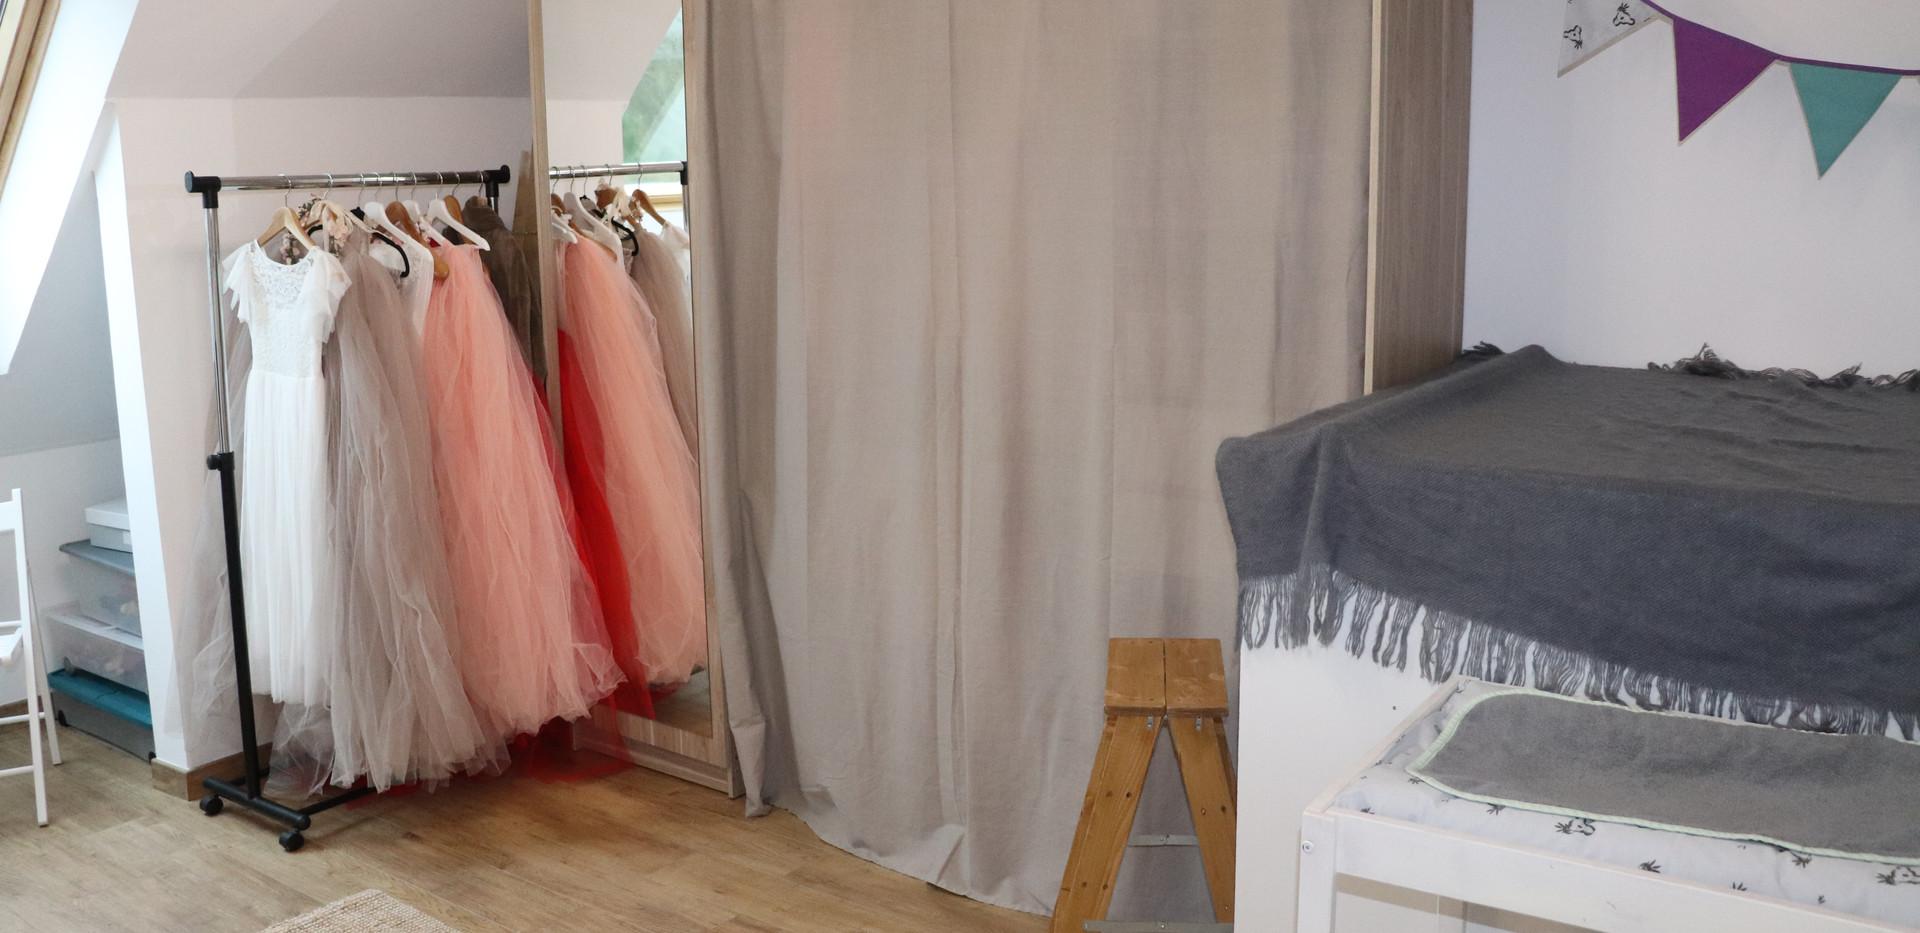 Studio Sourire aux Anges Julie DEMONCY (